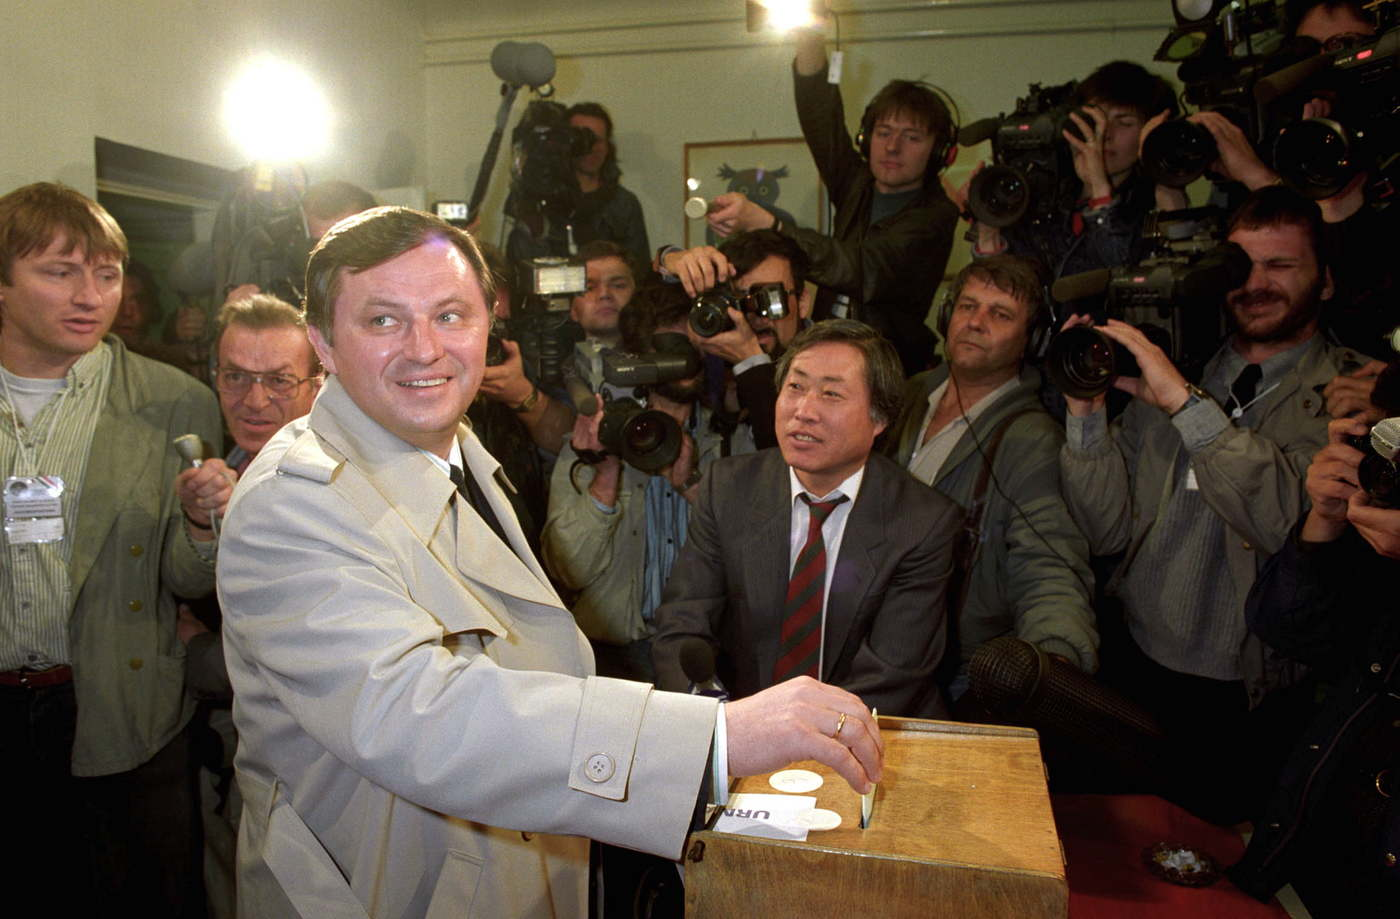 Németh Miklós, a Kádár-korszak utolsó miniszterelnöke adja le szavazatát. Az 1990-es választáson függetlenként indult, 1991-ben az EBRD egyik alelnöki székéért lemondott képviselői mandátumáról is. MTI Fotó: Soós Lajos